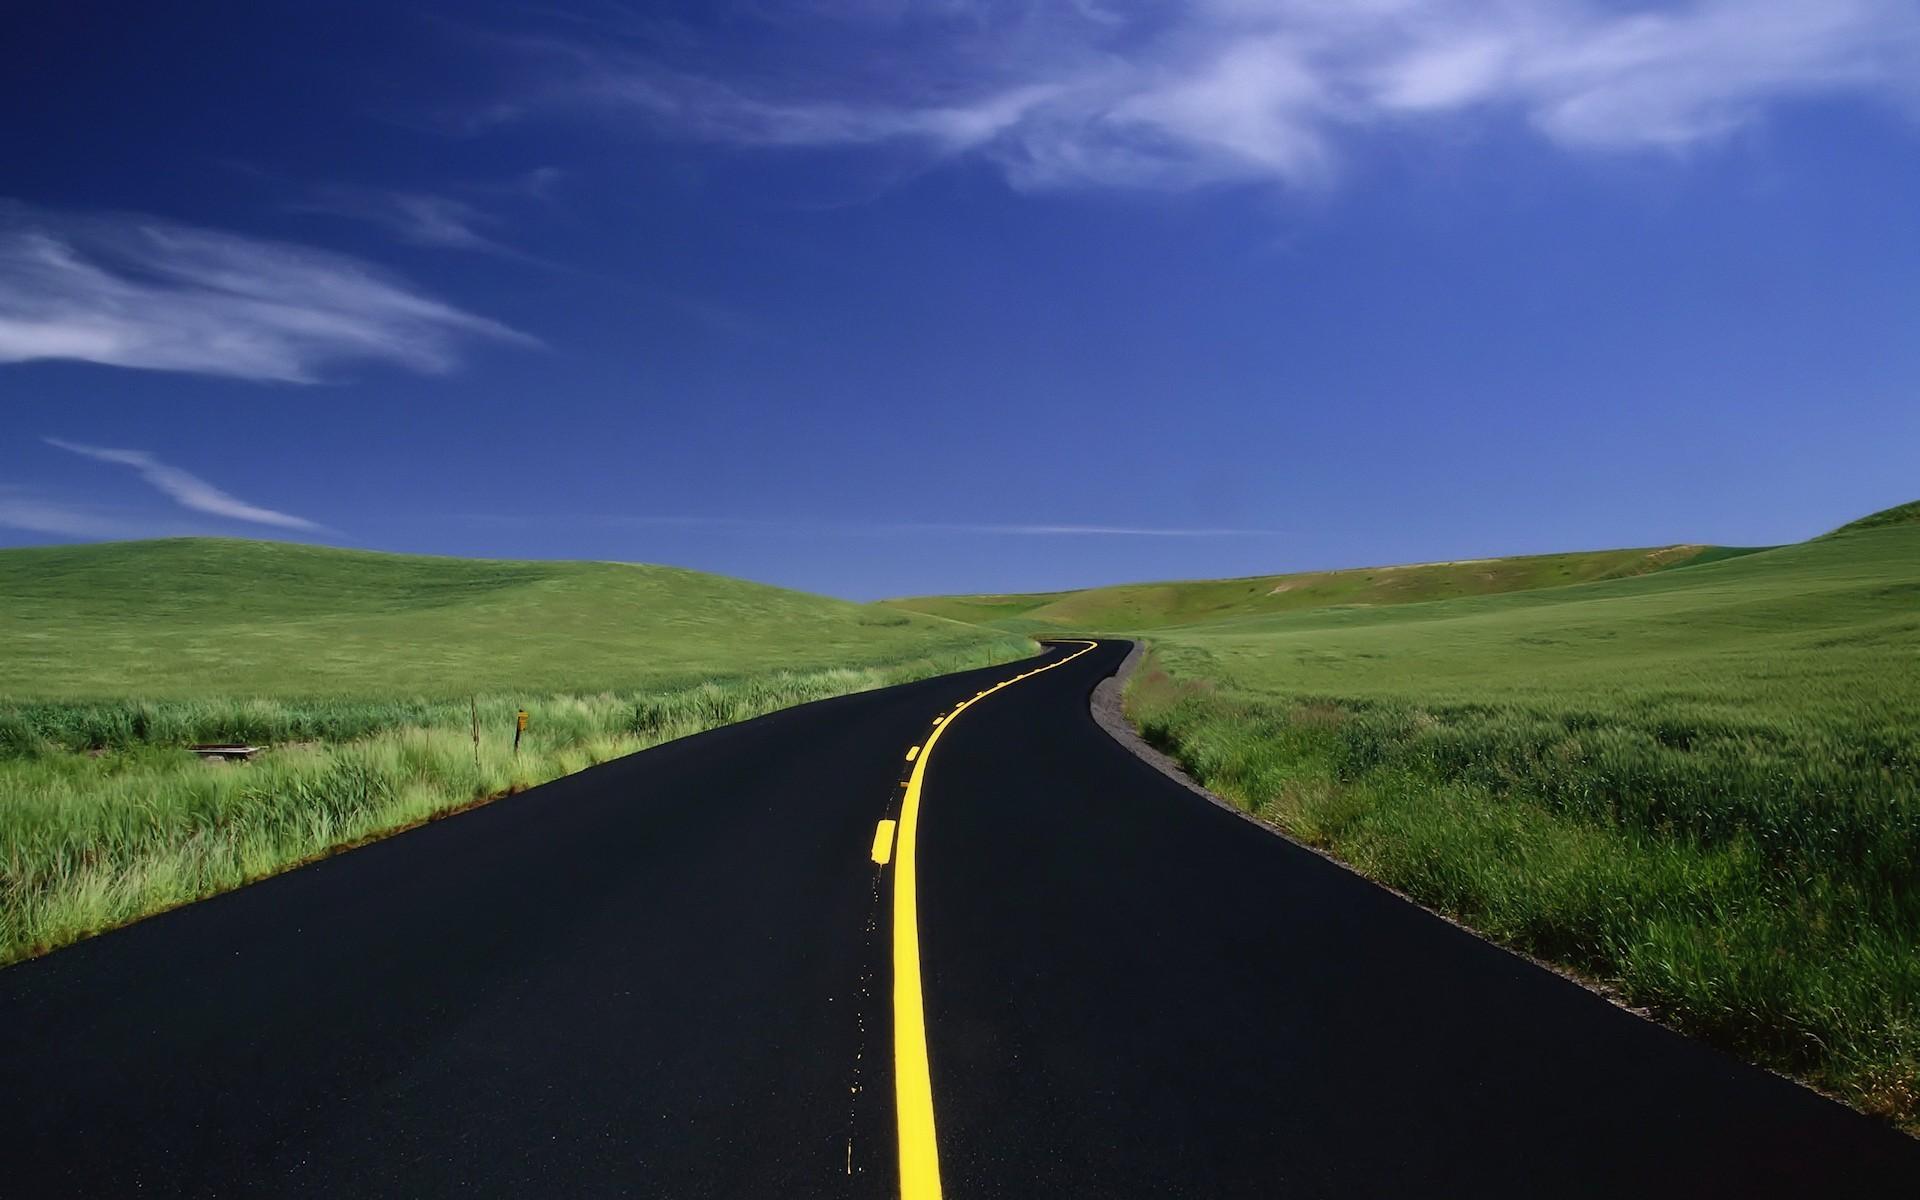 Картинки с фоном дороги